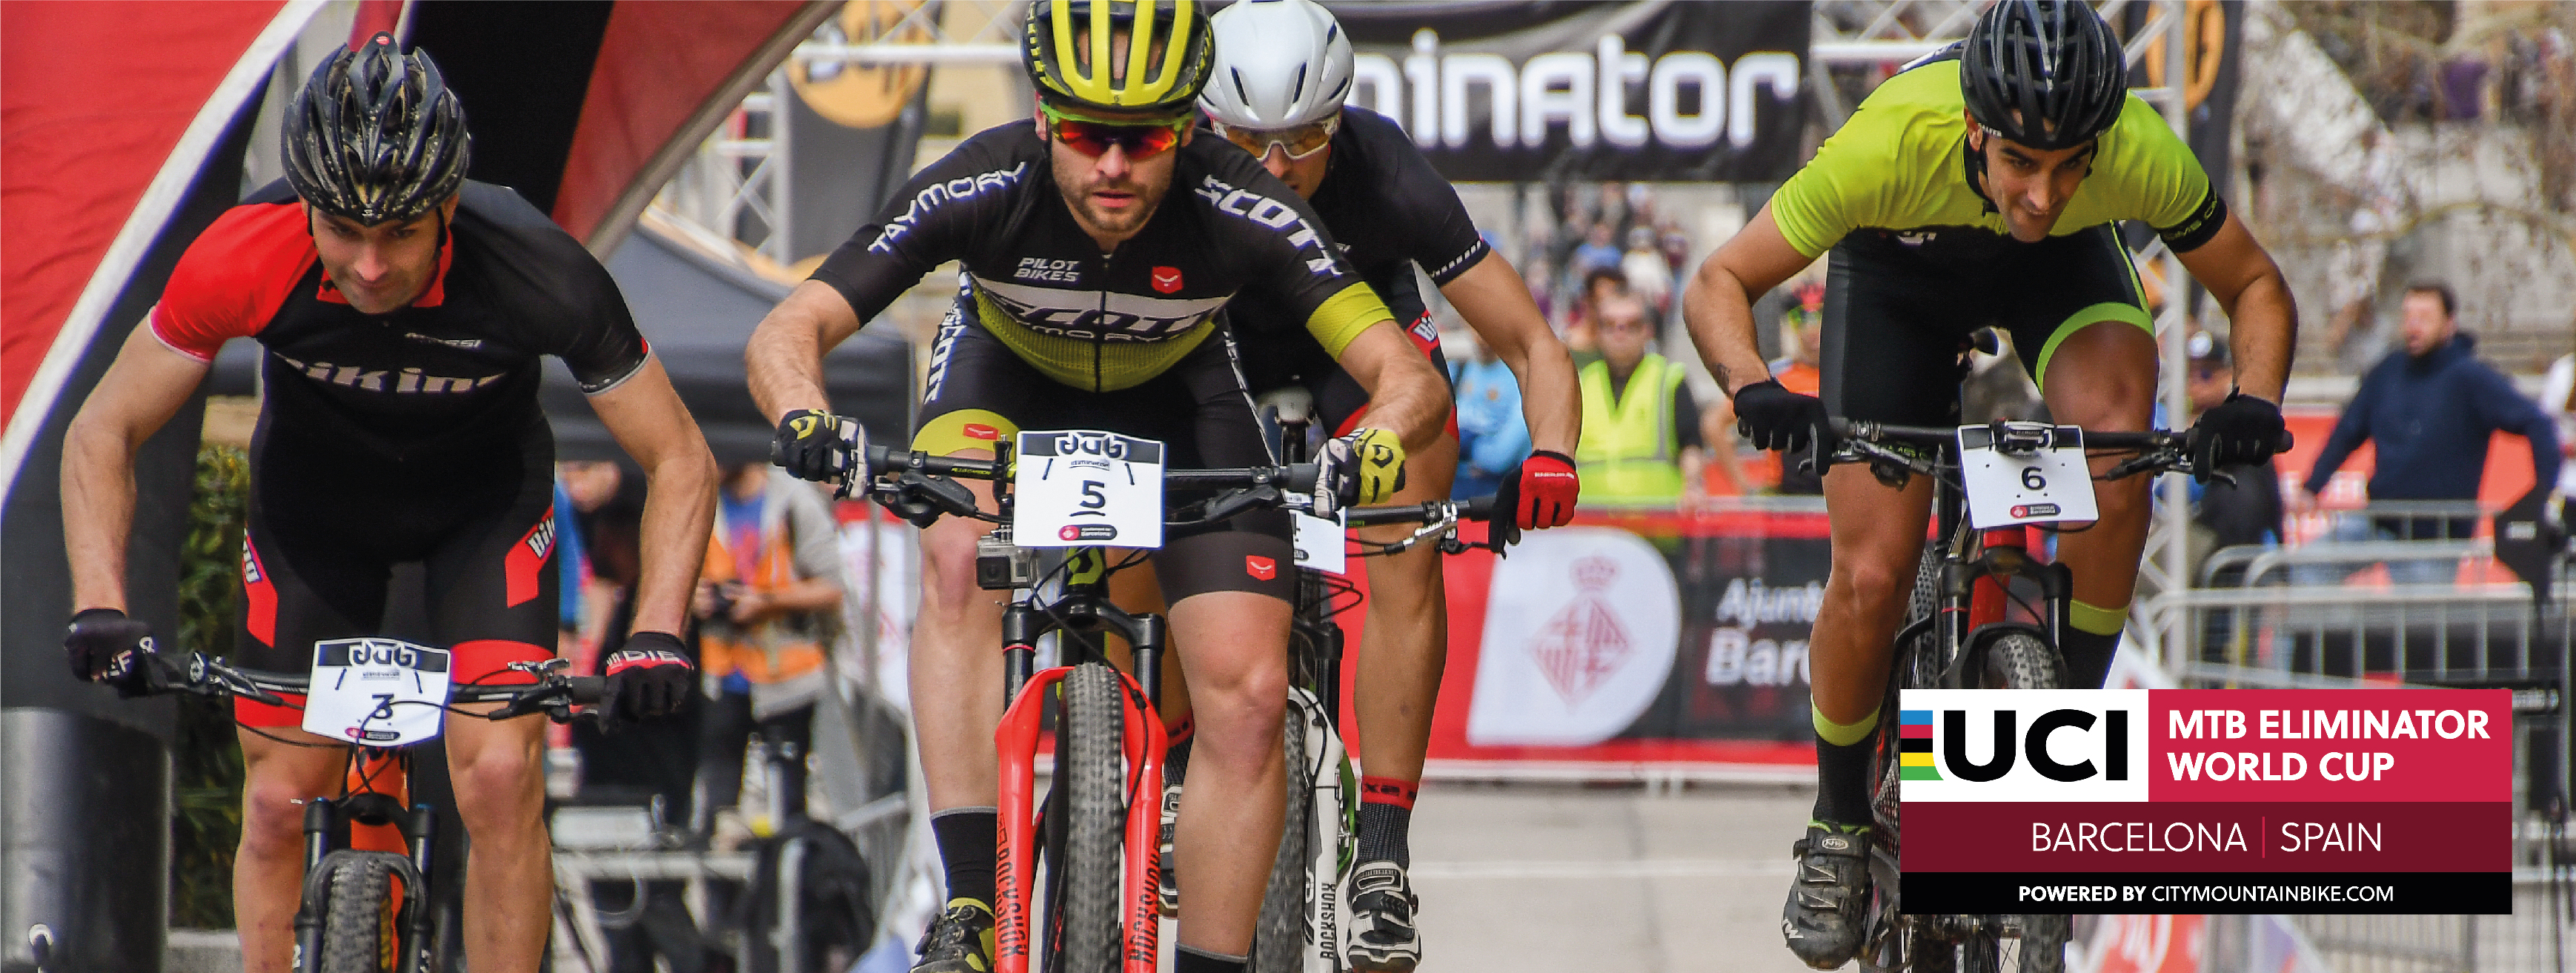 La UCI MTB Eliminator World Cup arriba per primera vegada a Barcelona en el marc de la Cycling Week Barcelona